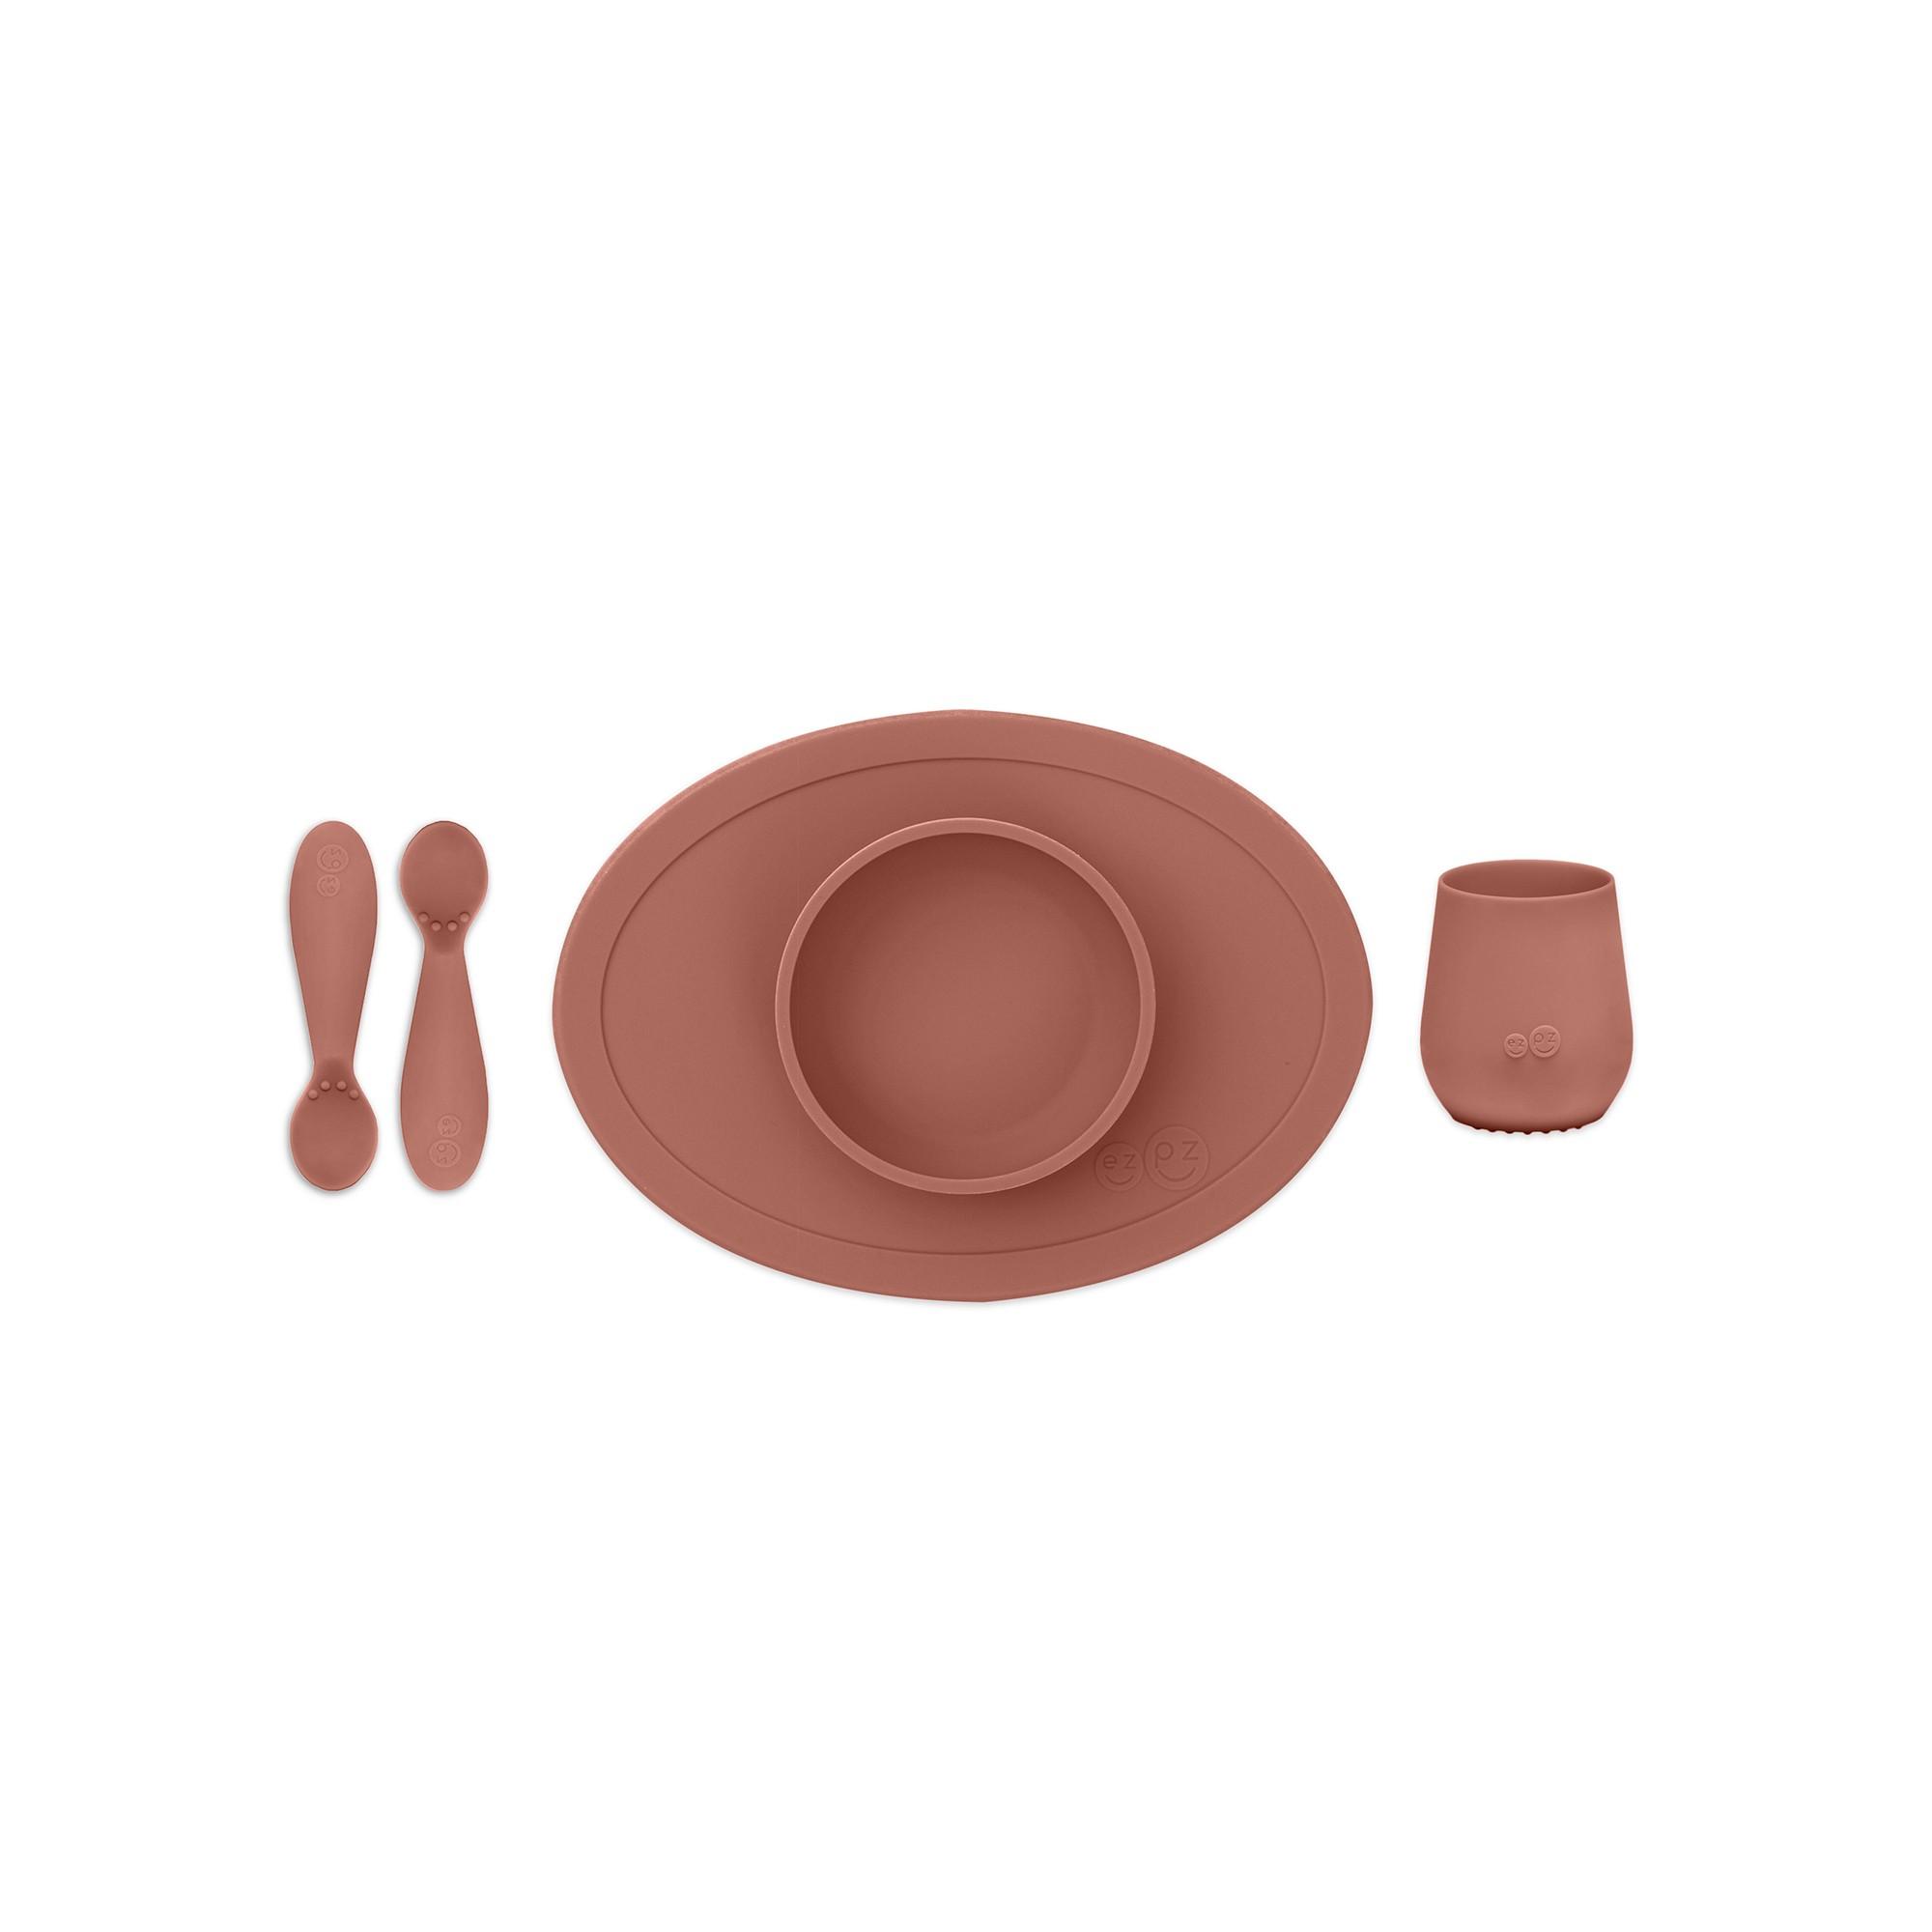 Перший набір посуду теракотовий (4 од. в наборі)